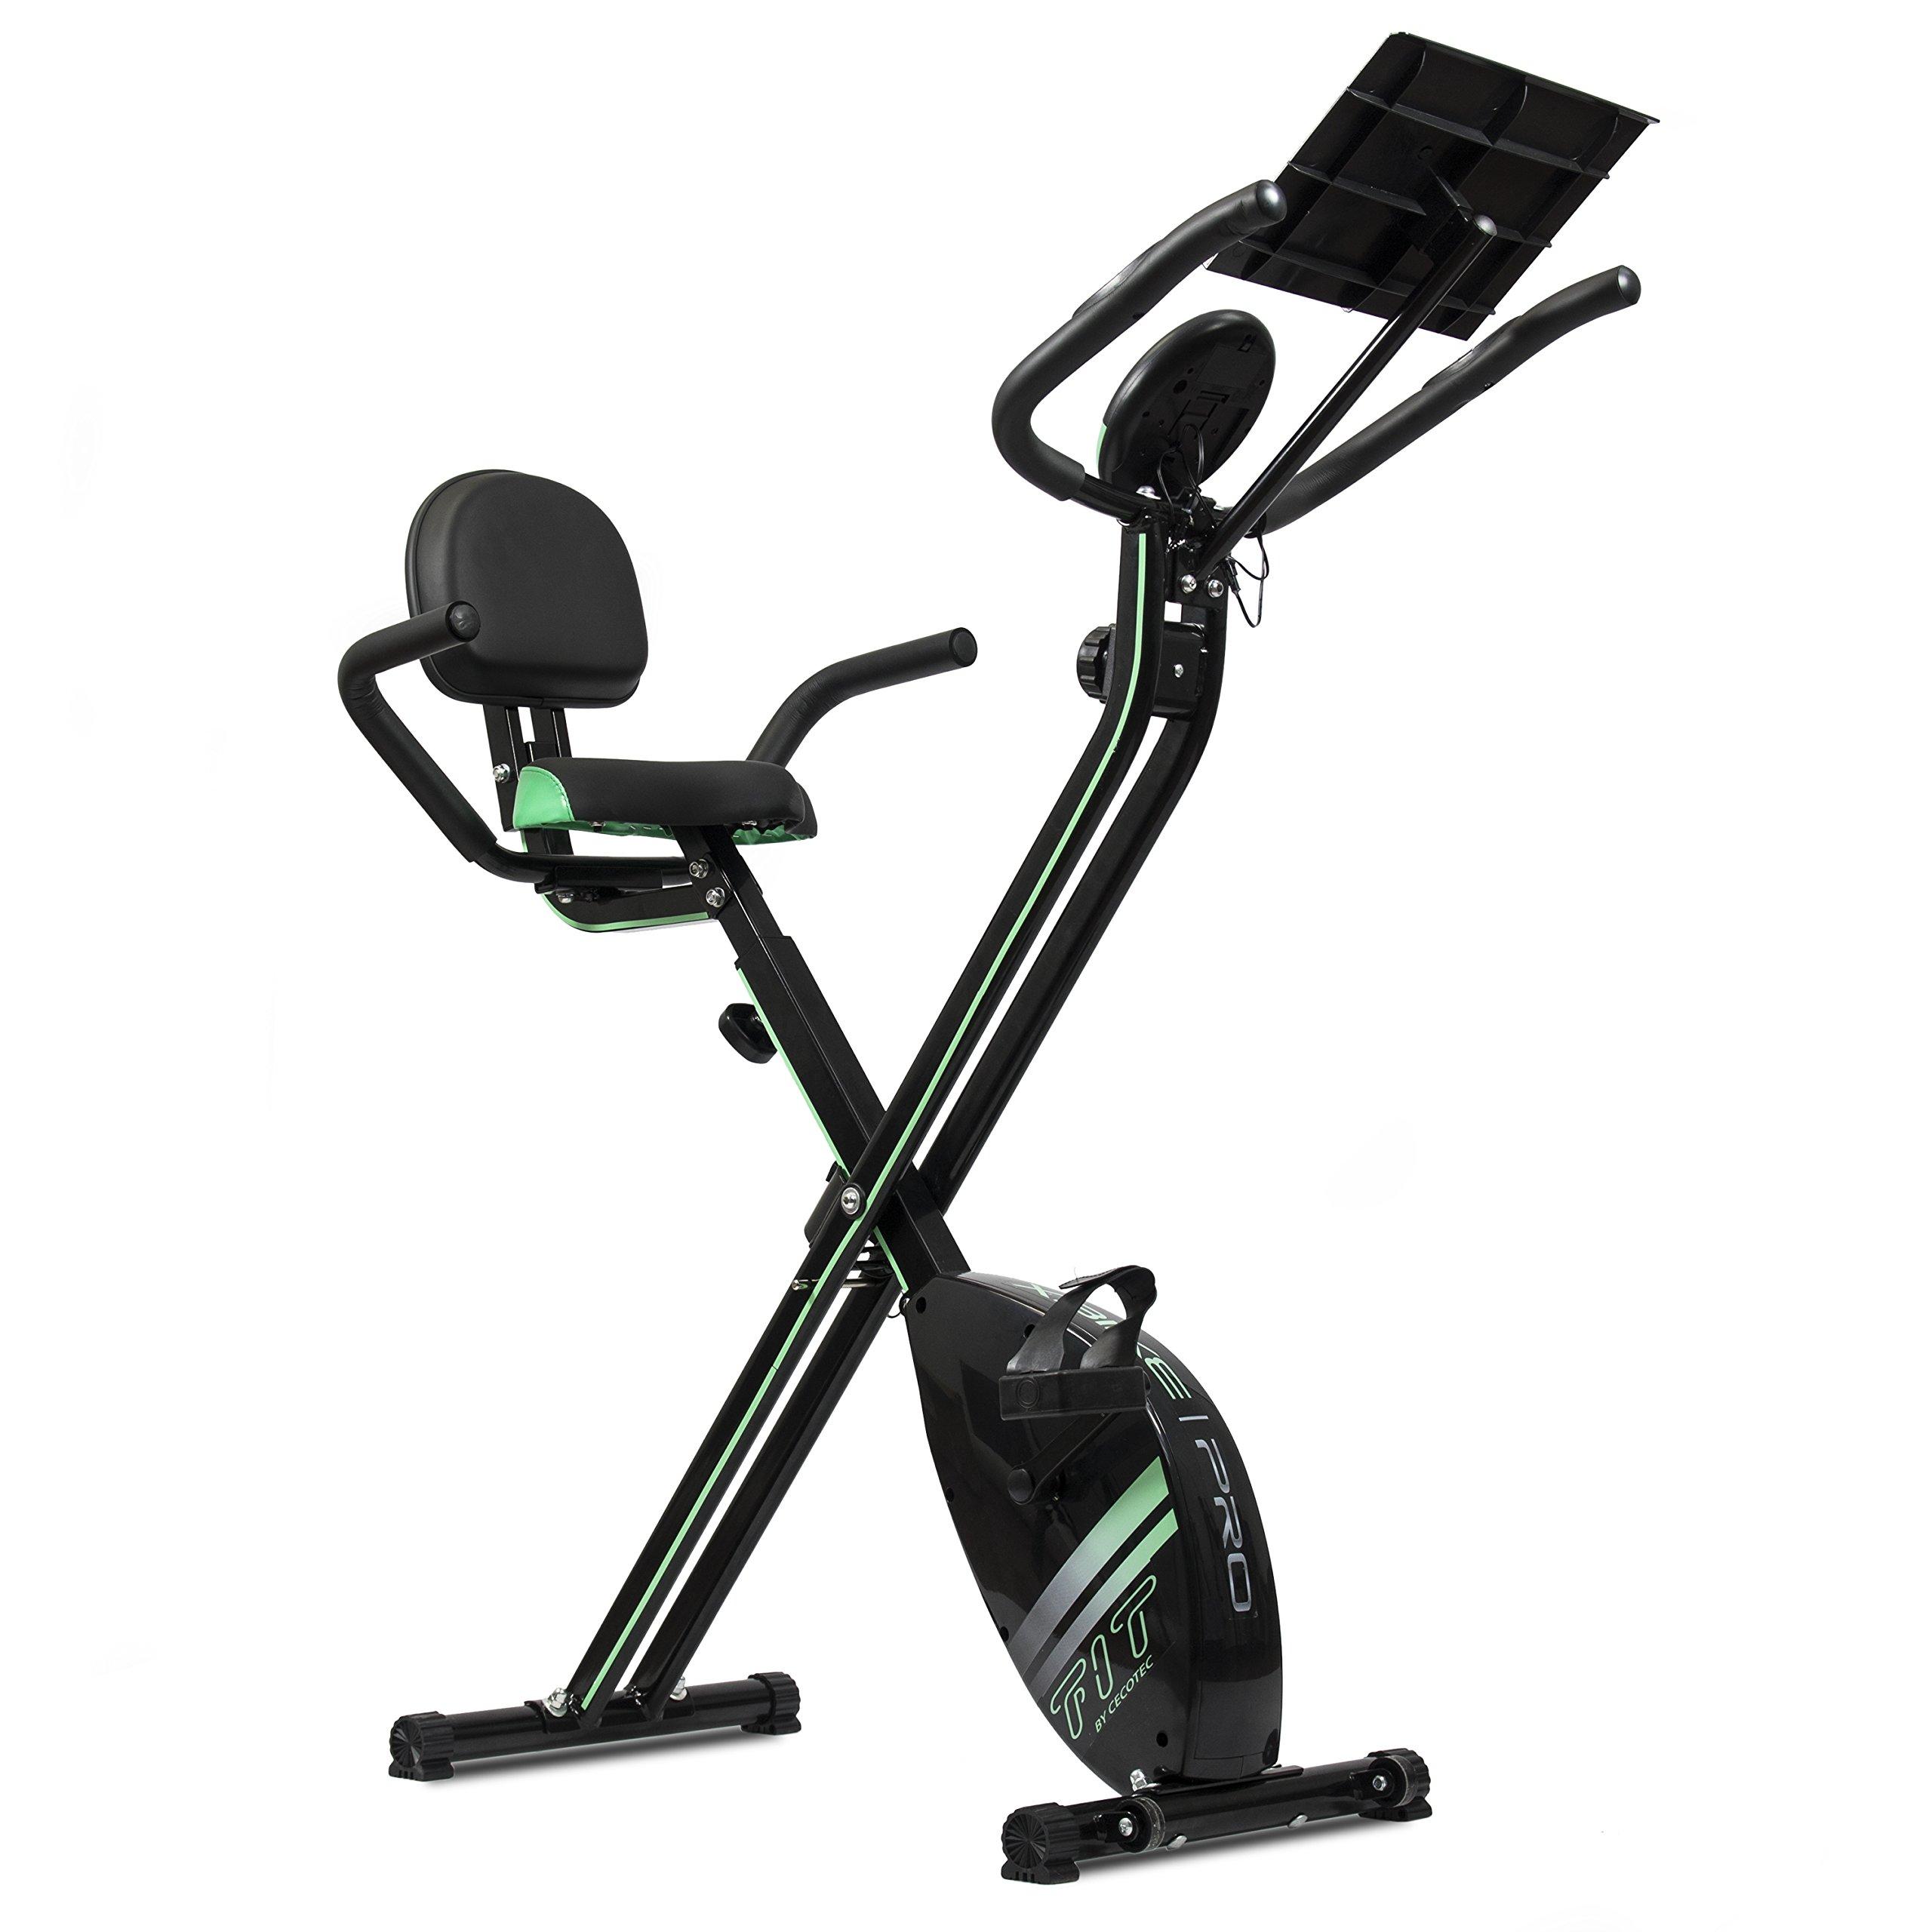 Cecotec Bicicleta Estática Plegable Magnética X-Bike Pro. Pulsómetro, Pantalla LCD, Resistencia Variable (8 niveles), Pedales de Máximo Agarre, 2,5kg Volante de Inercia.: Amazon.es: Deportes y aire libre